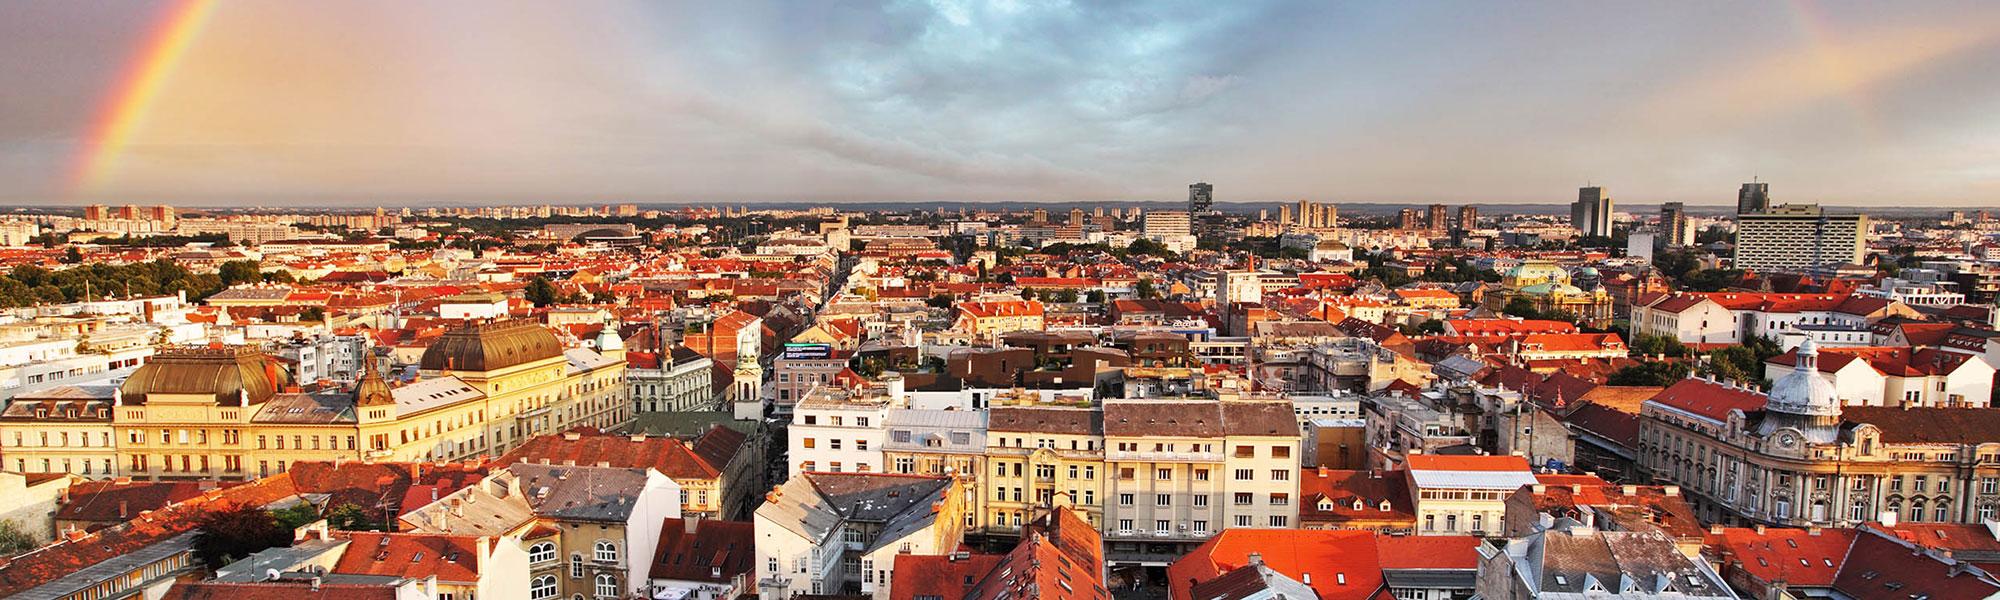 Apartments in zagreb direct croatia altavistaventures Images